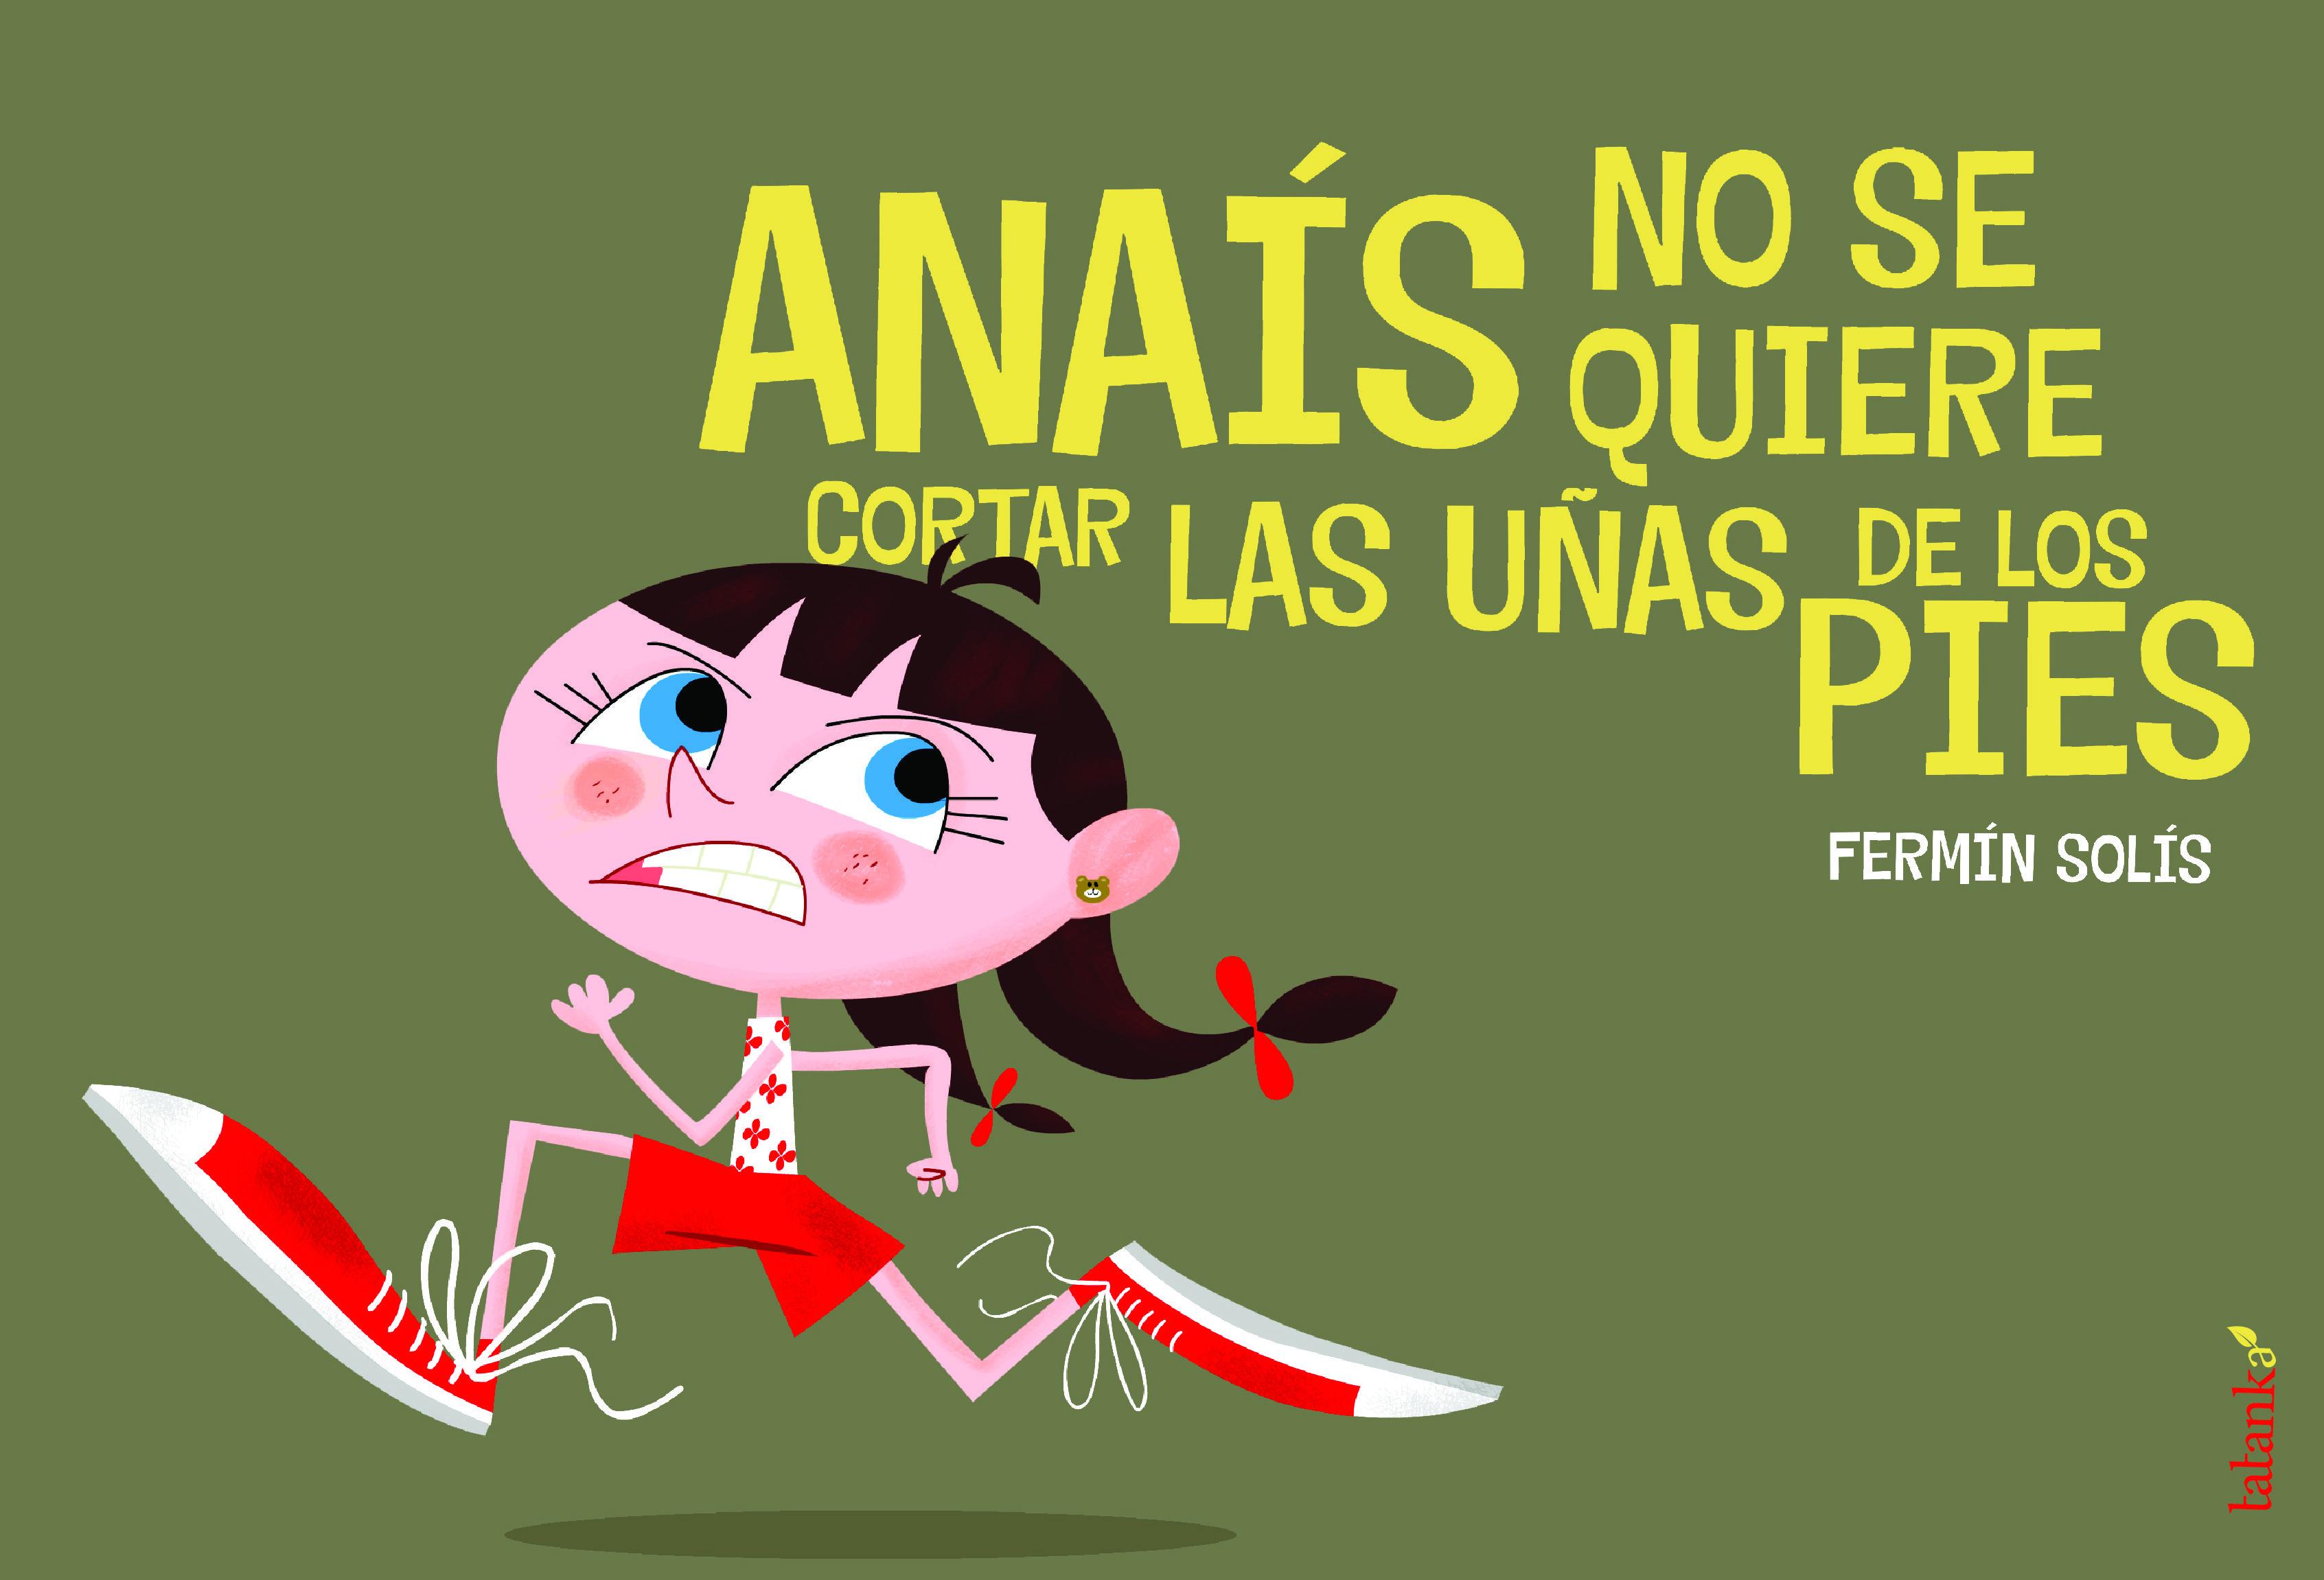 ANAÍS NO SE QUIERE CORTAR LAS UÑAS DE LOS PIES | FERMIN SOLIS ...